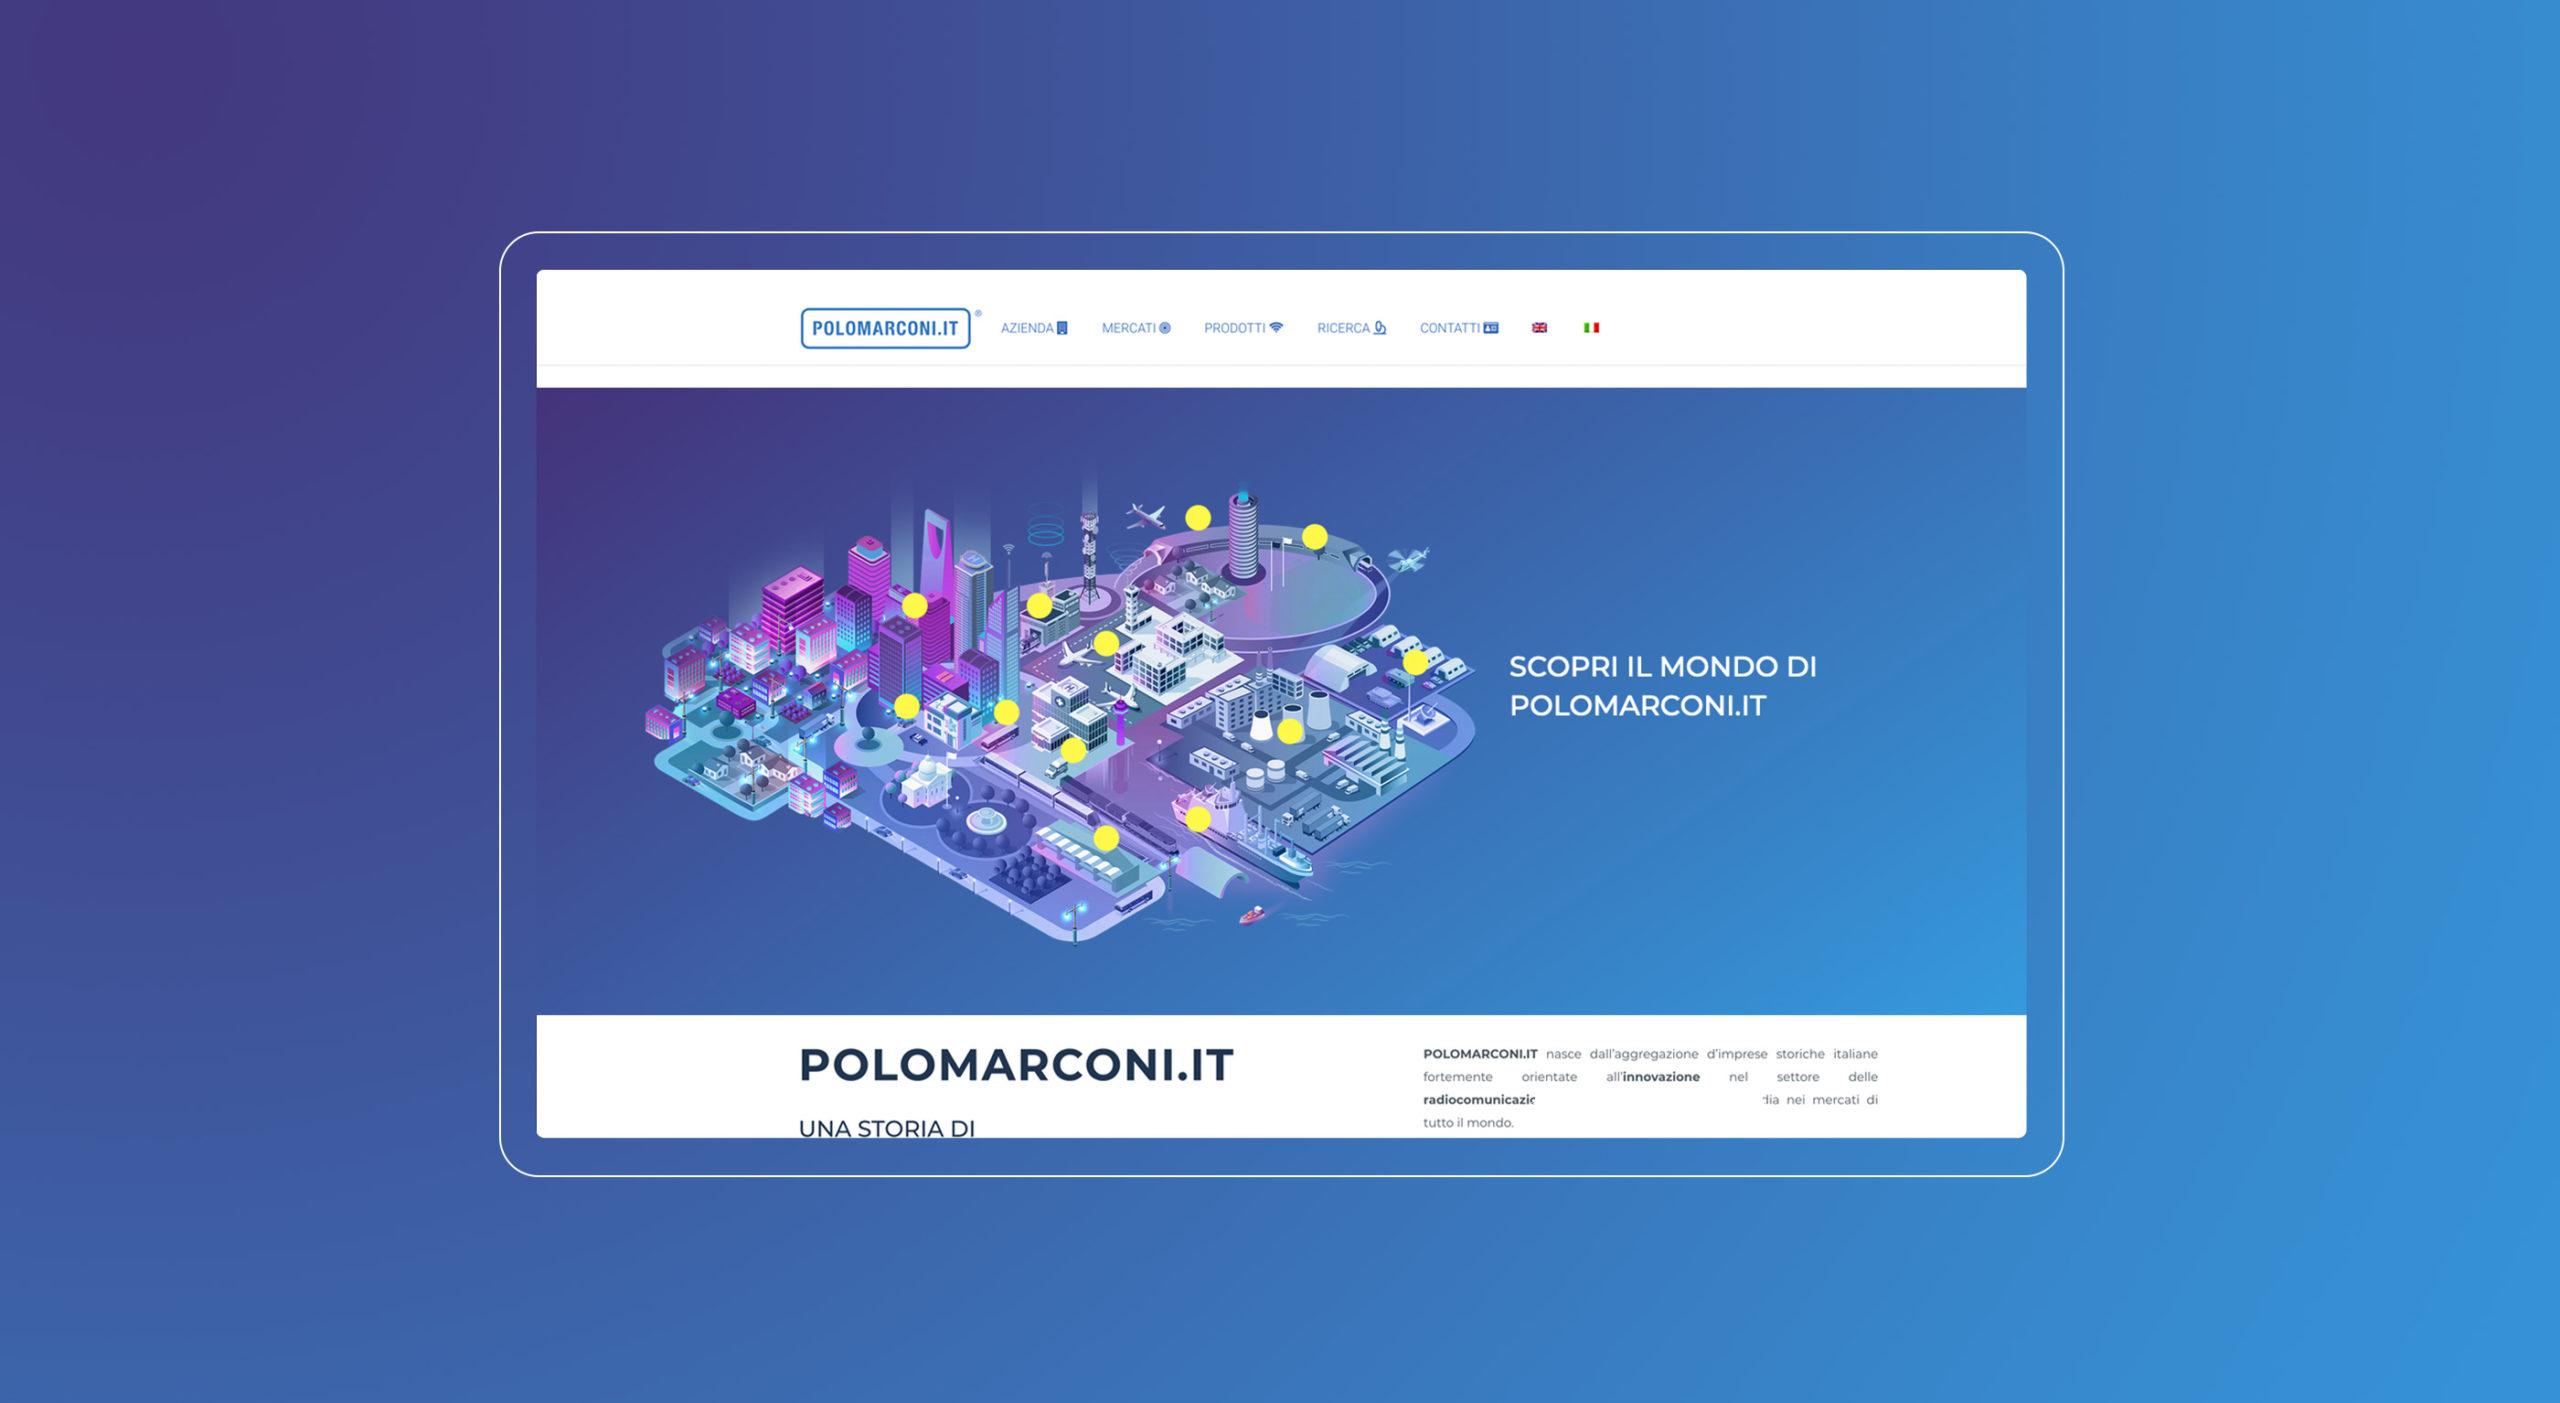 POLOMARCONI.IT mappa interattiva